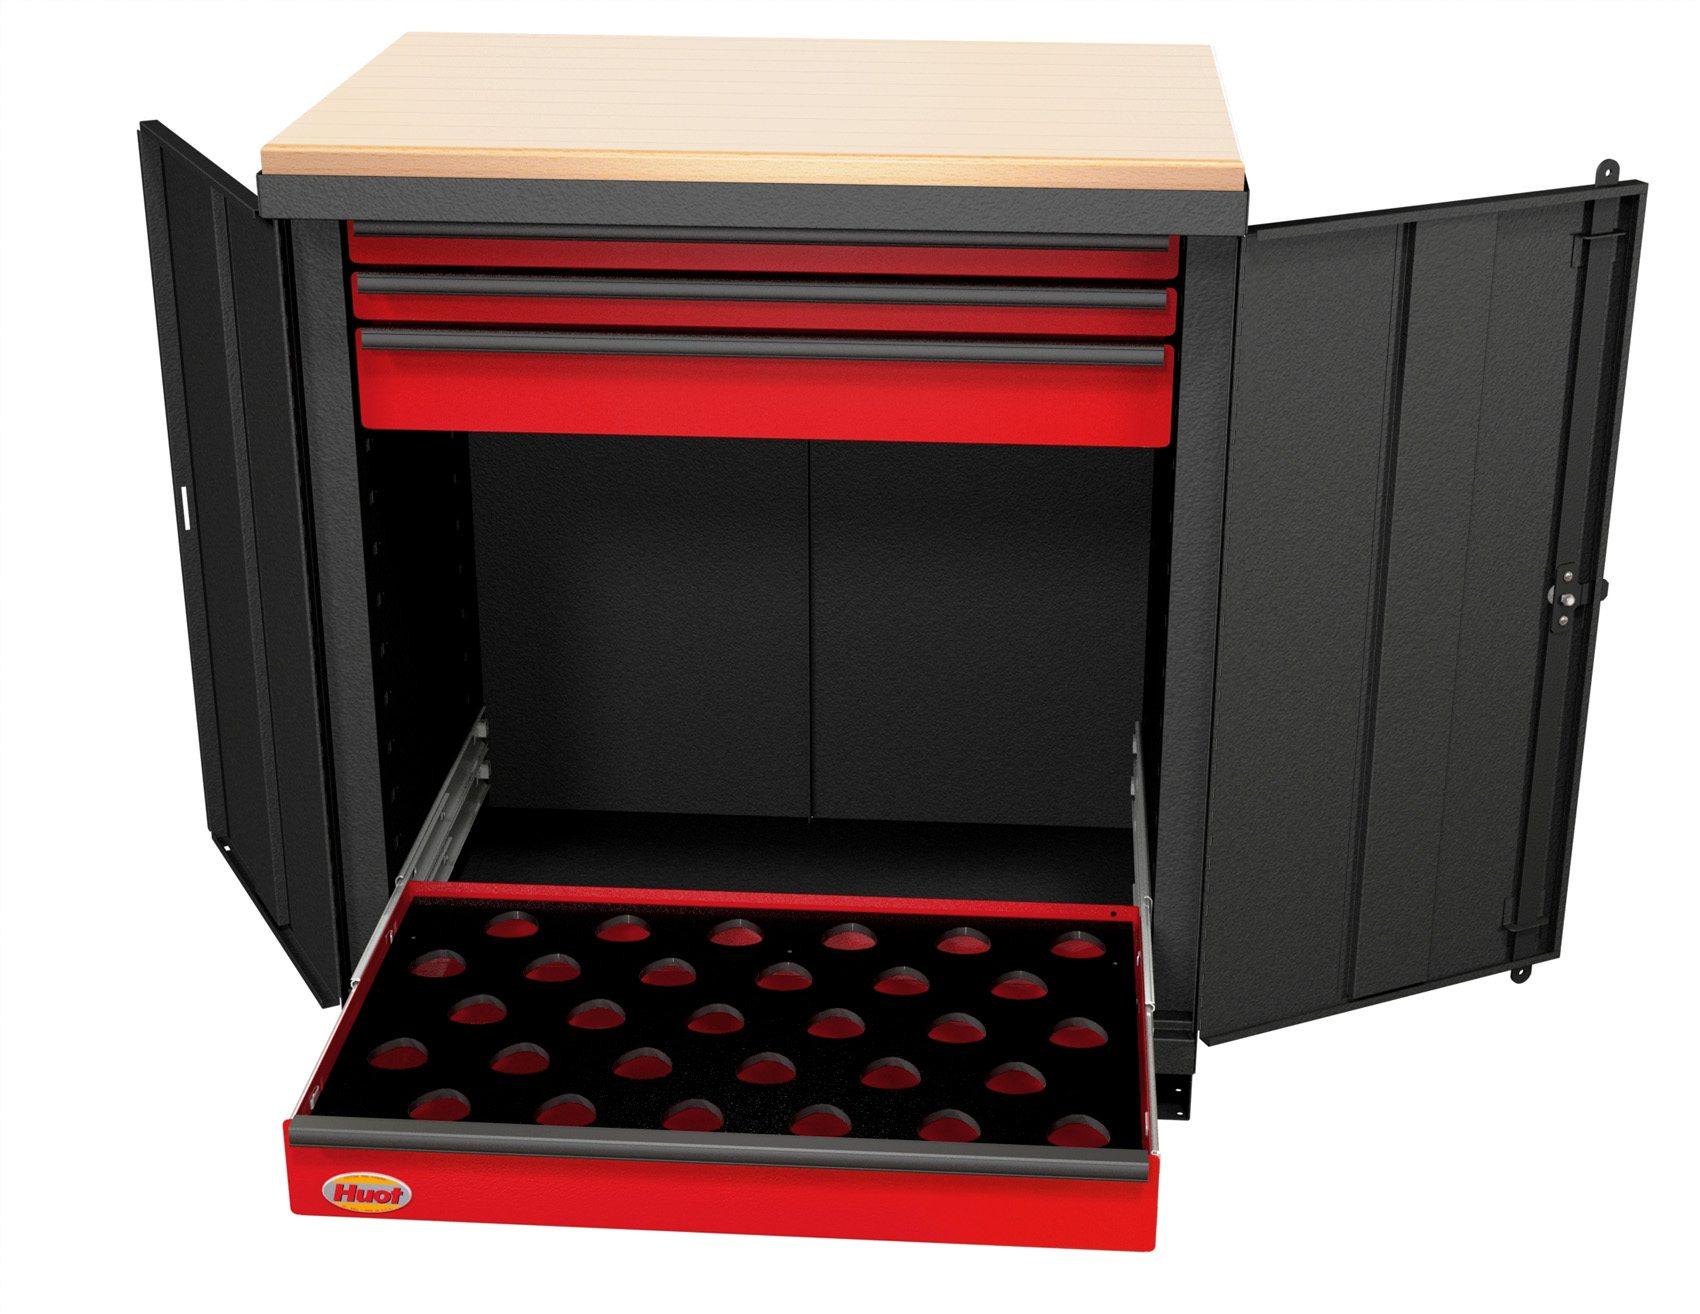 capto c8 tool cabinet